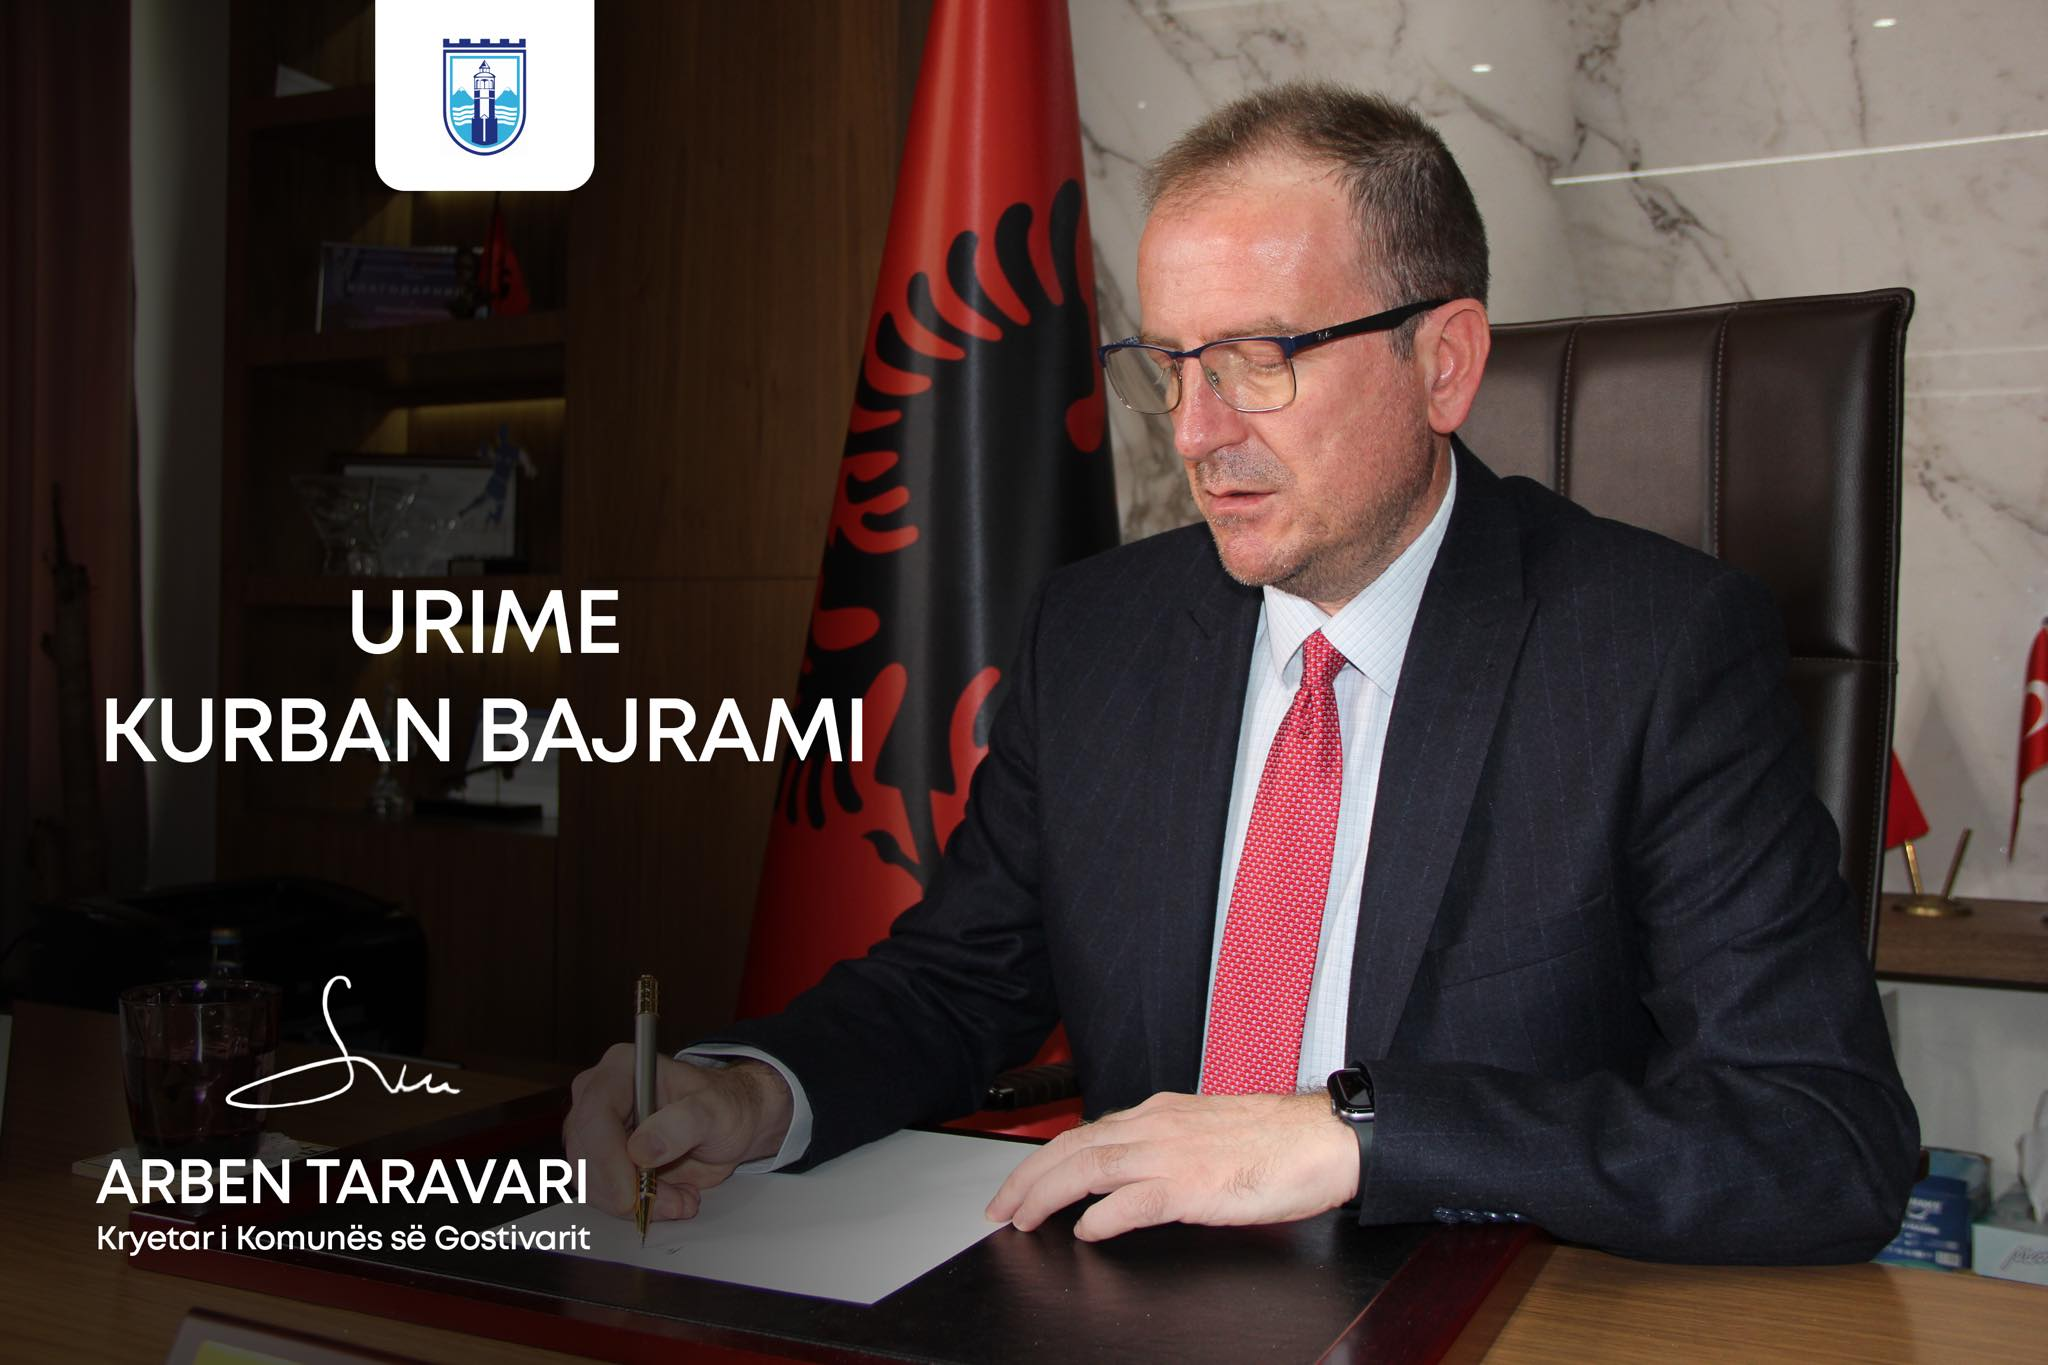 Честитка на градоначалникот Арбен Таравари по повод Курбан Бајрам